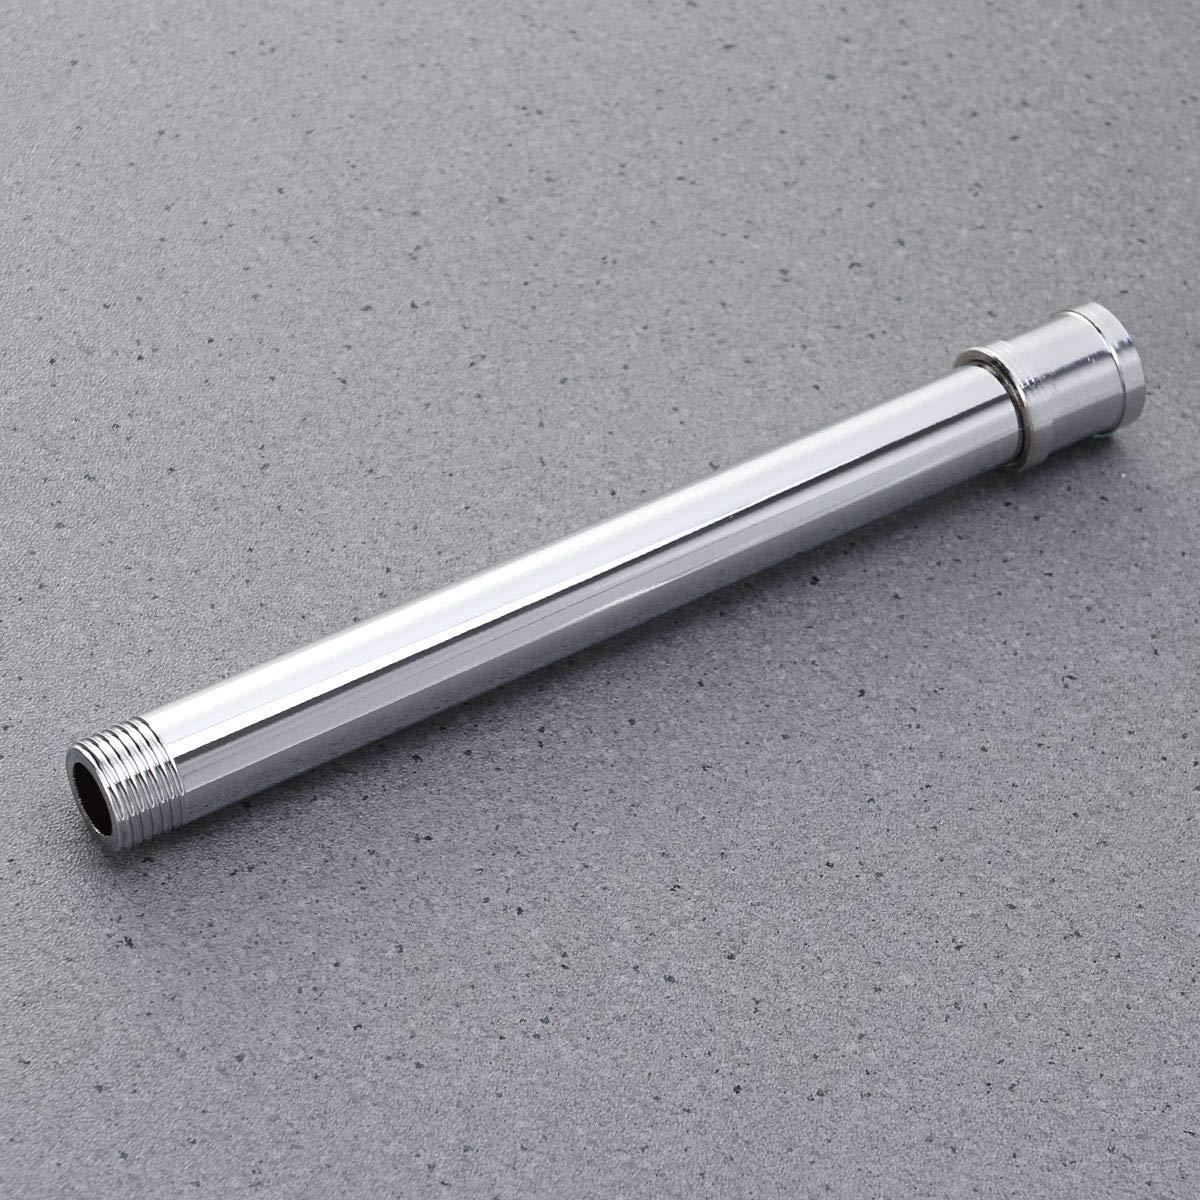 Argent TOPBATHY Tube dextension de Bras de Douche de Longueur de 20 cm avec t/ête en Acier Inoxydable